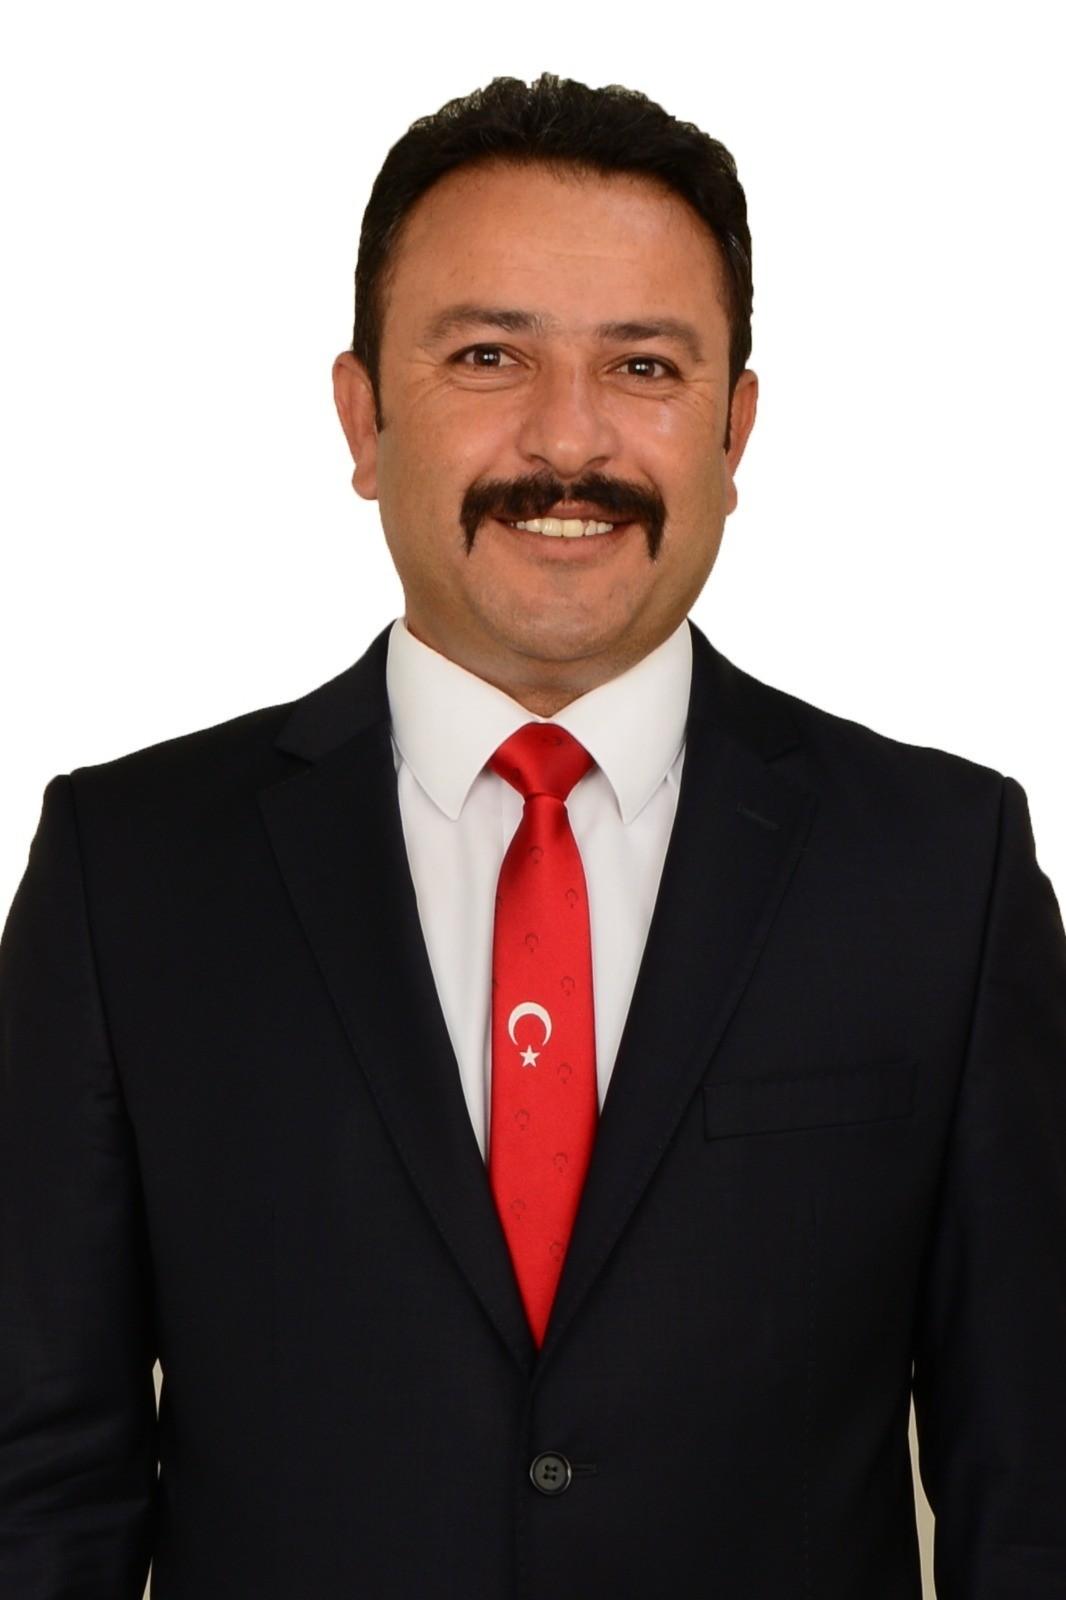 Türk- Eğitim Sen Kırşehir'de 4. Şube Başkanını seçecek